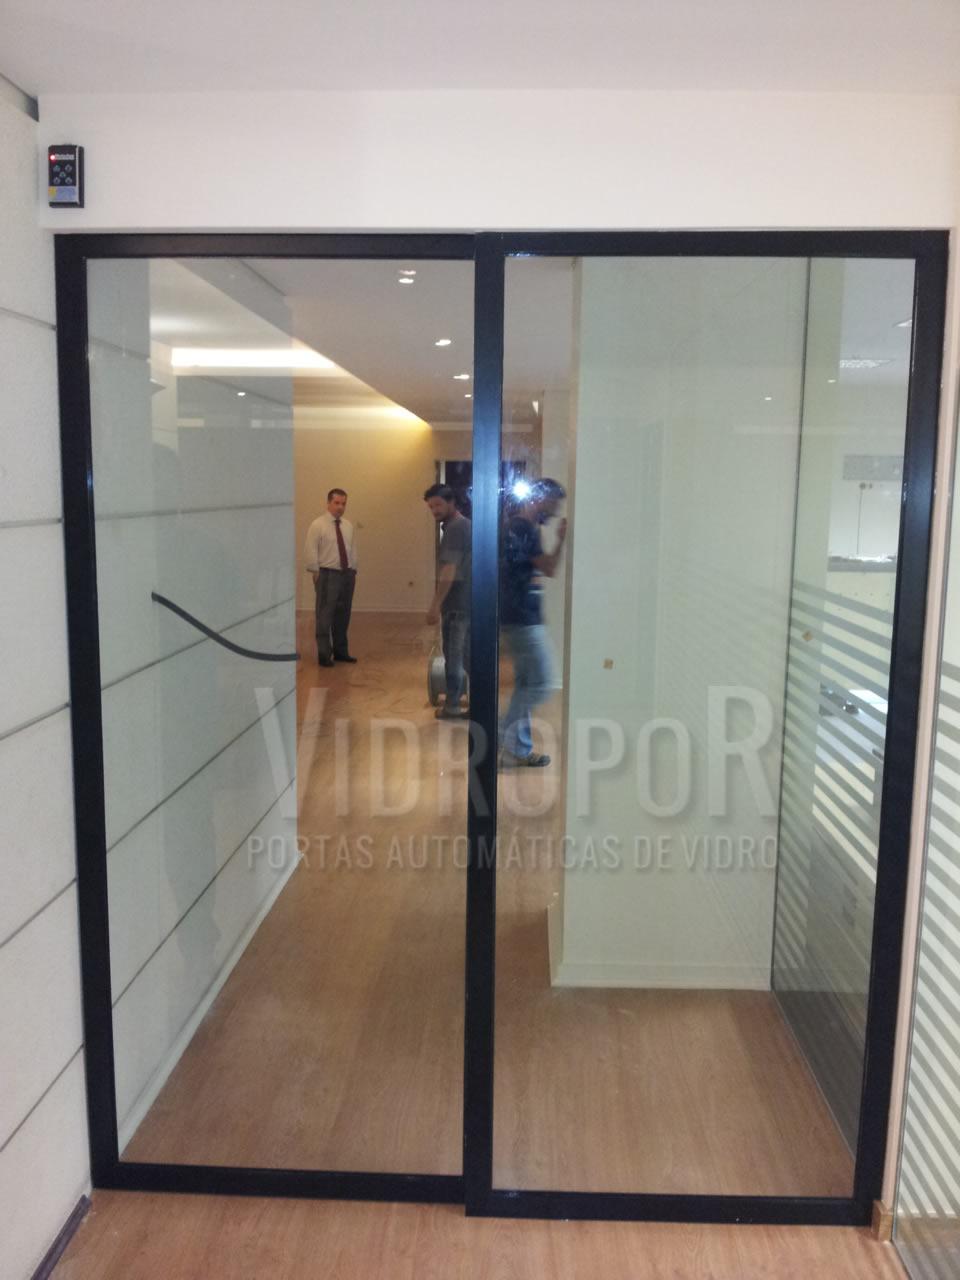 porta automatica de vidro cor preto